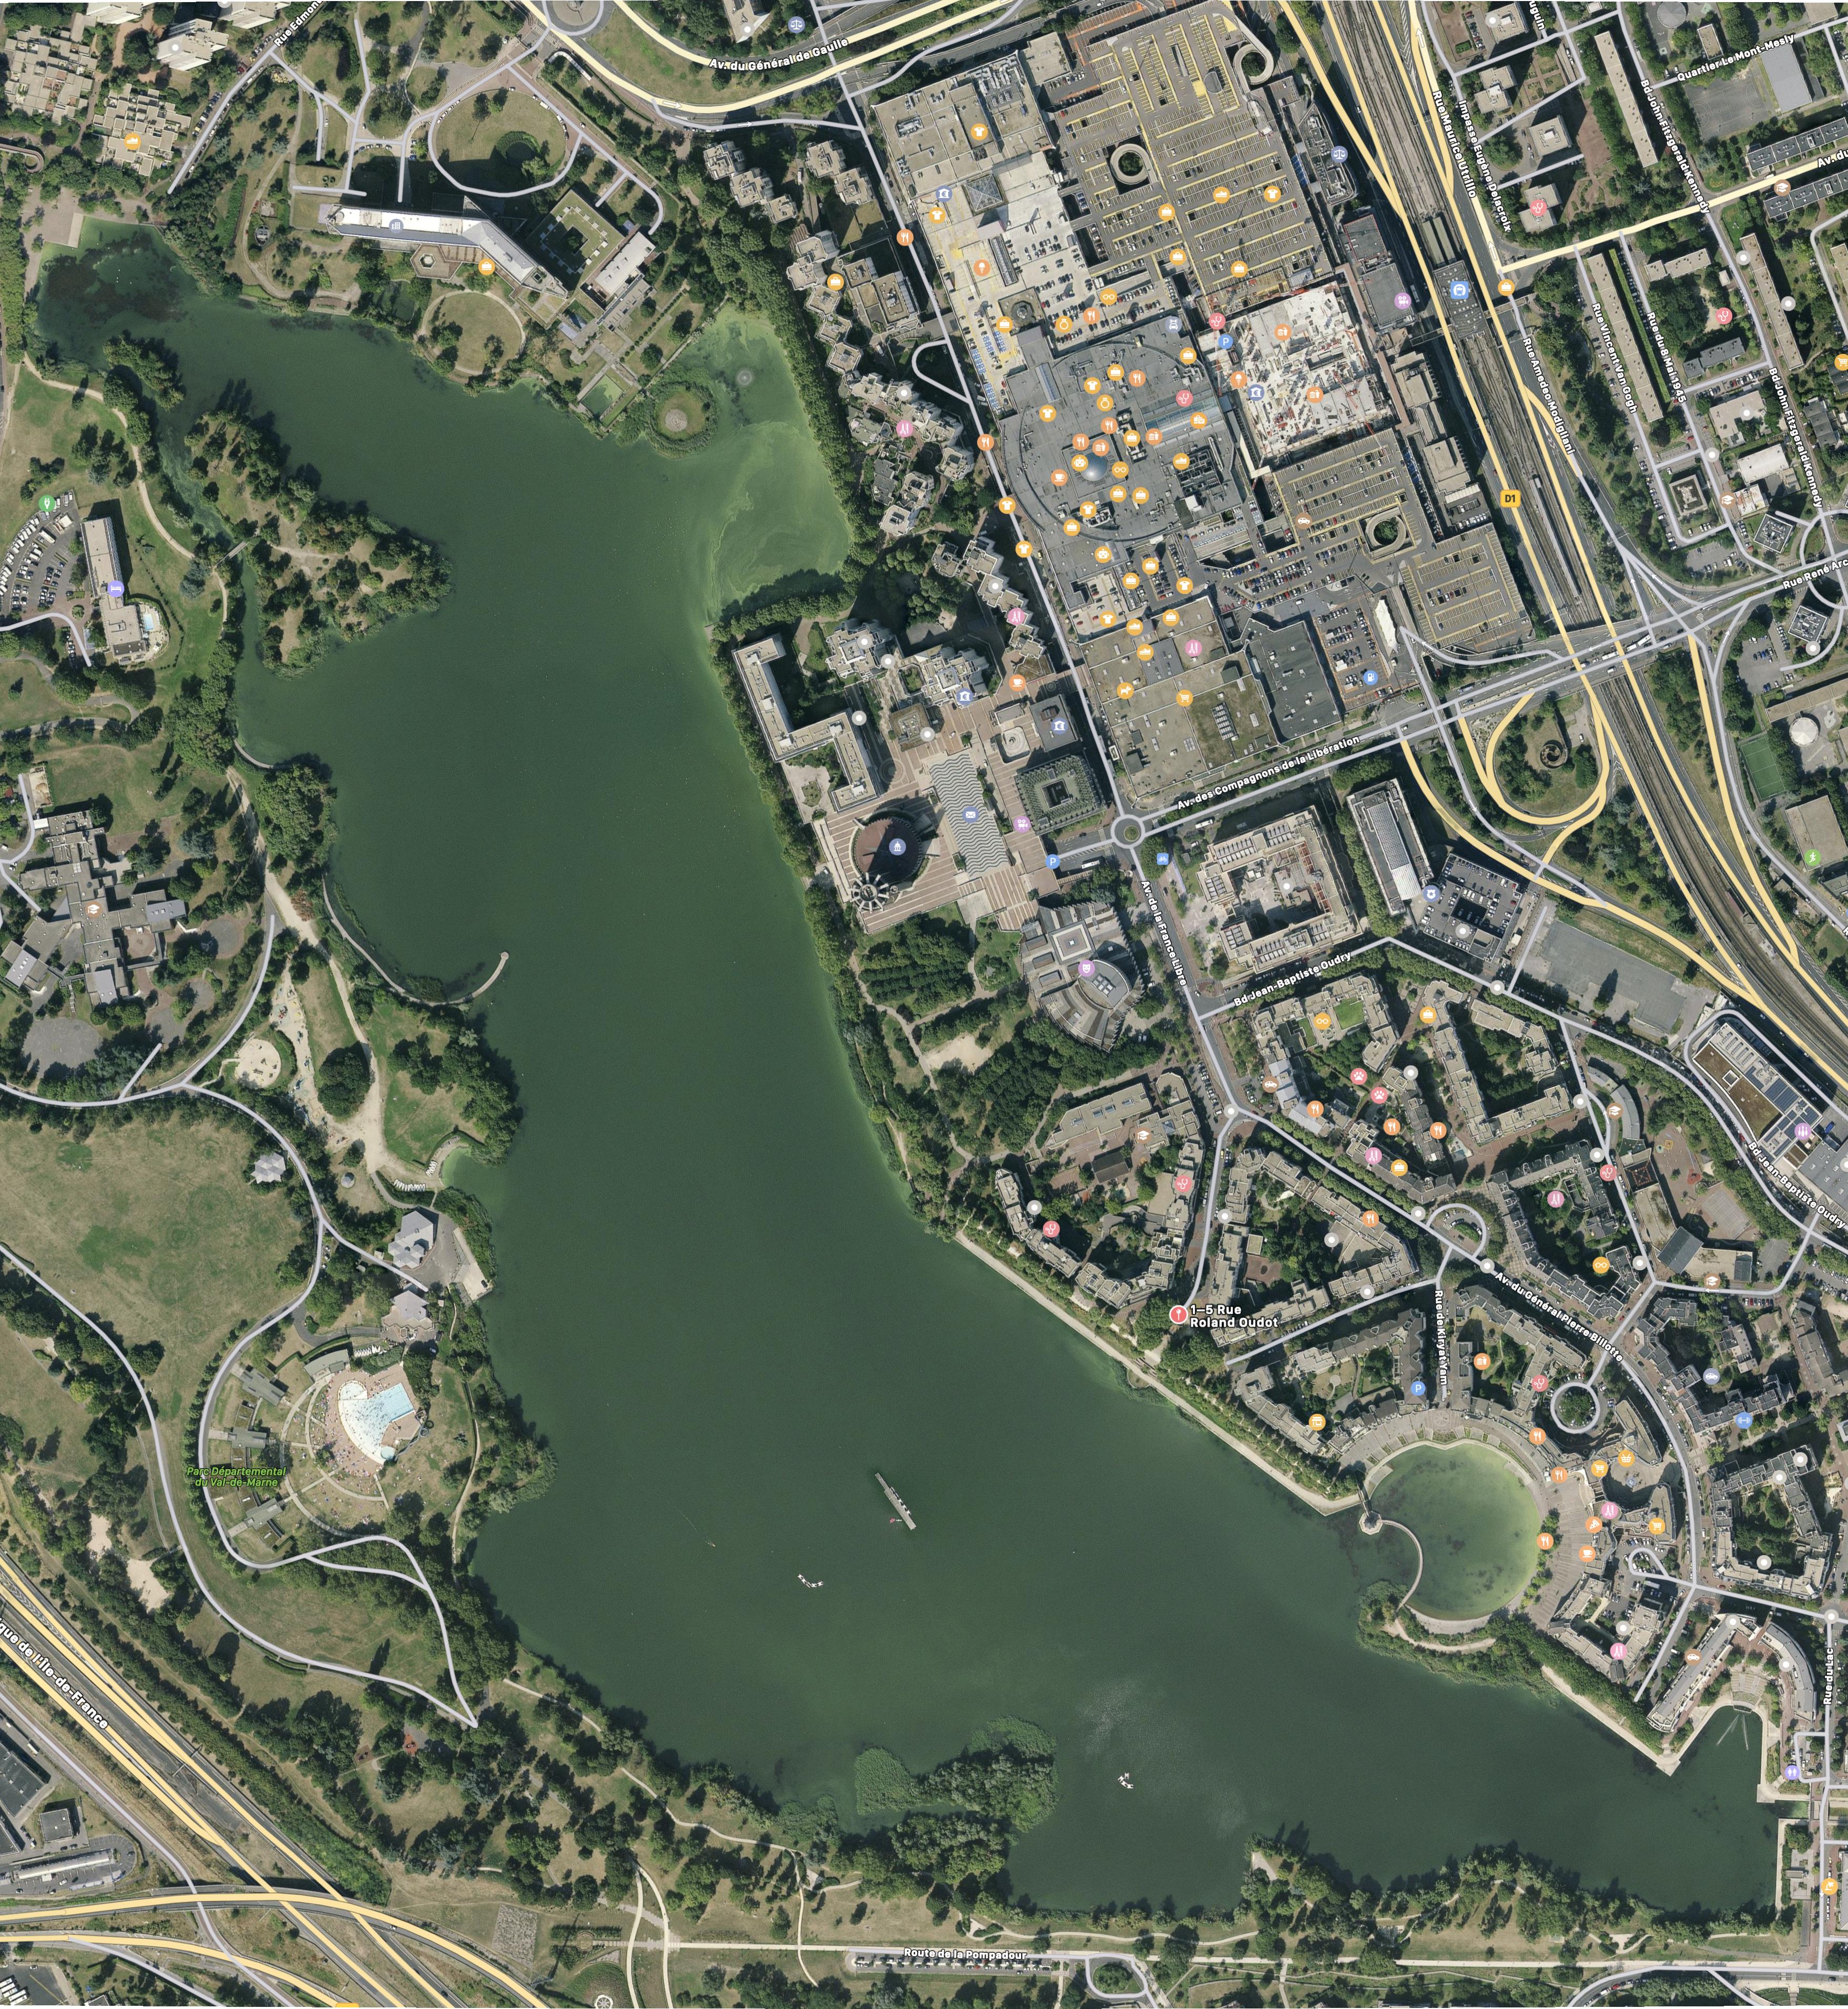 Vue aérienne du lac avec taches vertes.